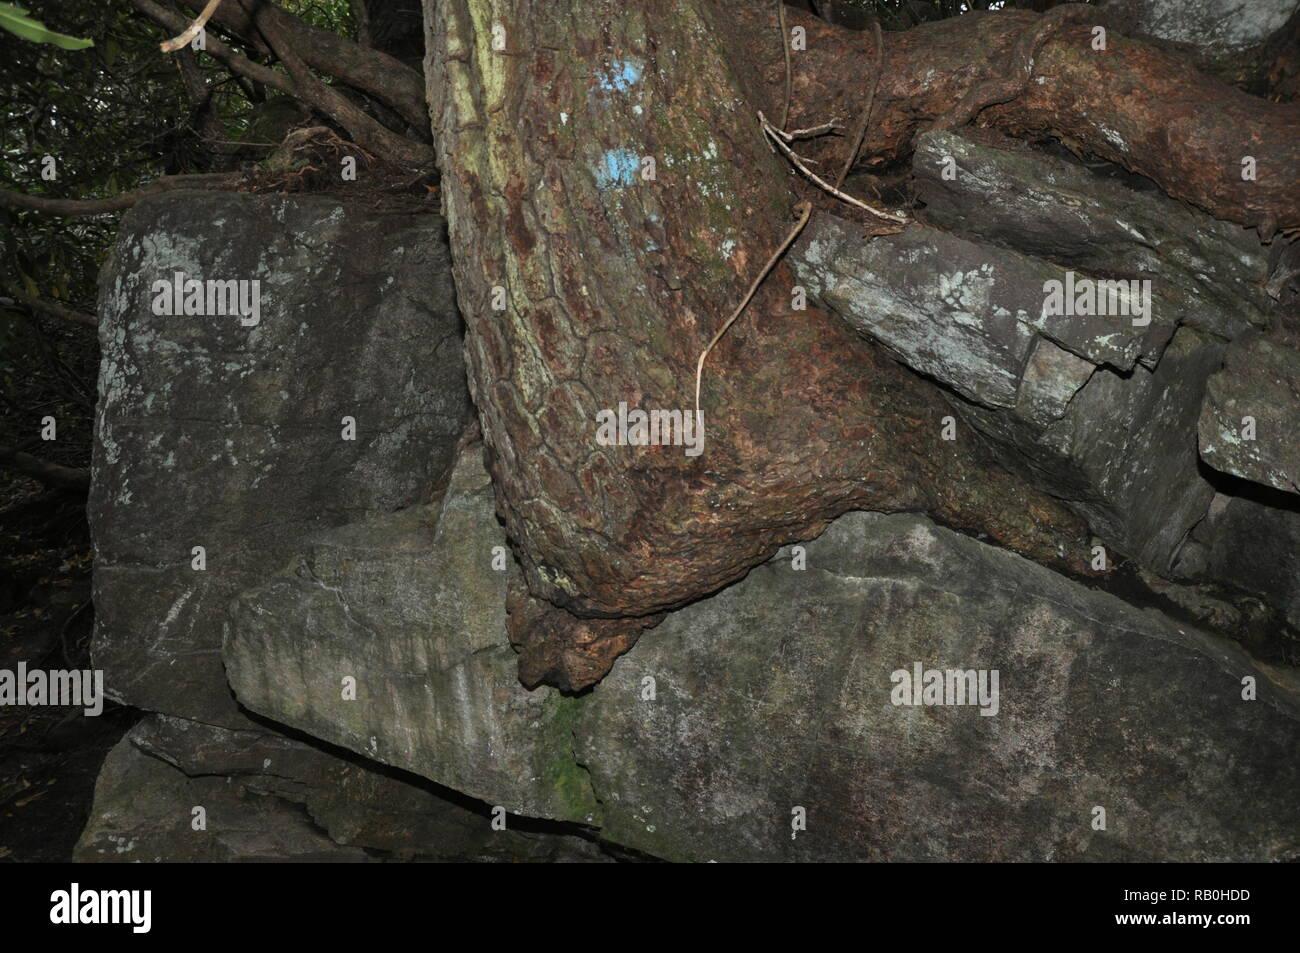 Sentier de randonnée des chutes d'Linwood. Arbre qui grandit dans la roche La vie semble trouver là. Incroyable! Banque D'Images